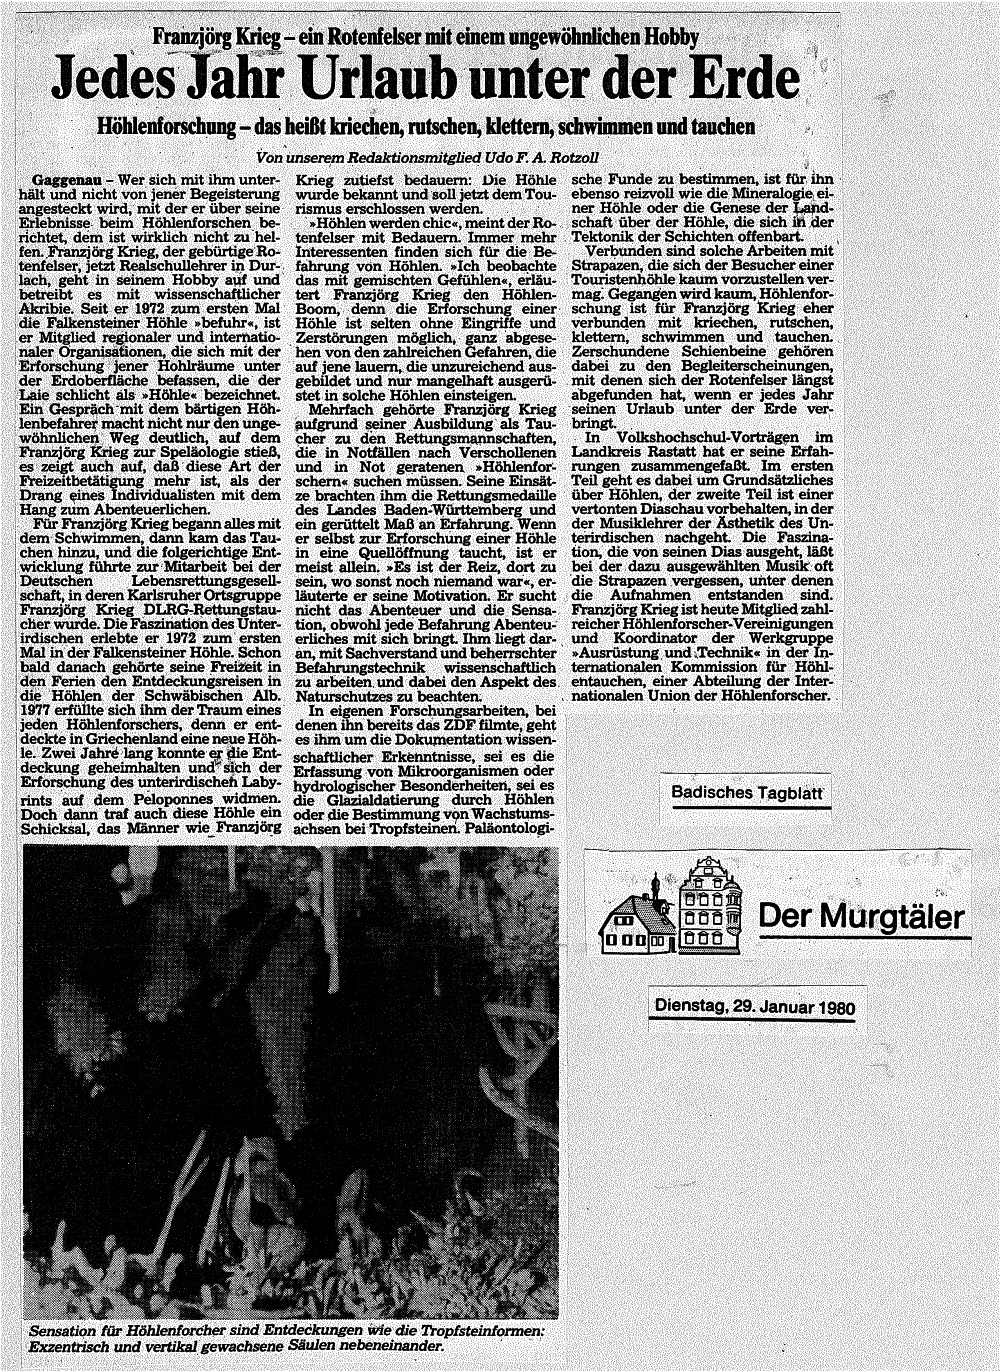 19800129_print_BT_Jedes-Jahr-Urlaub-unter-der-Erde